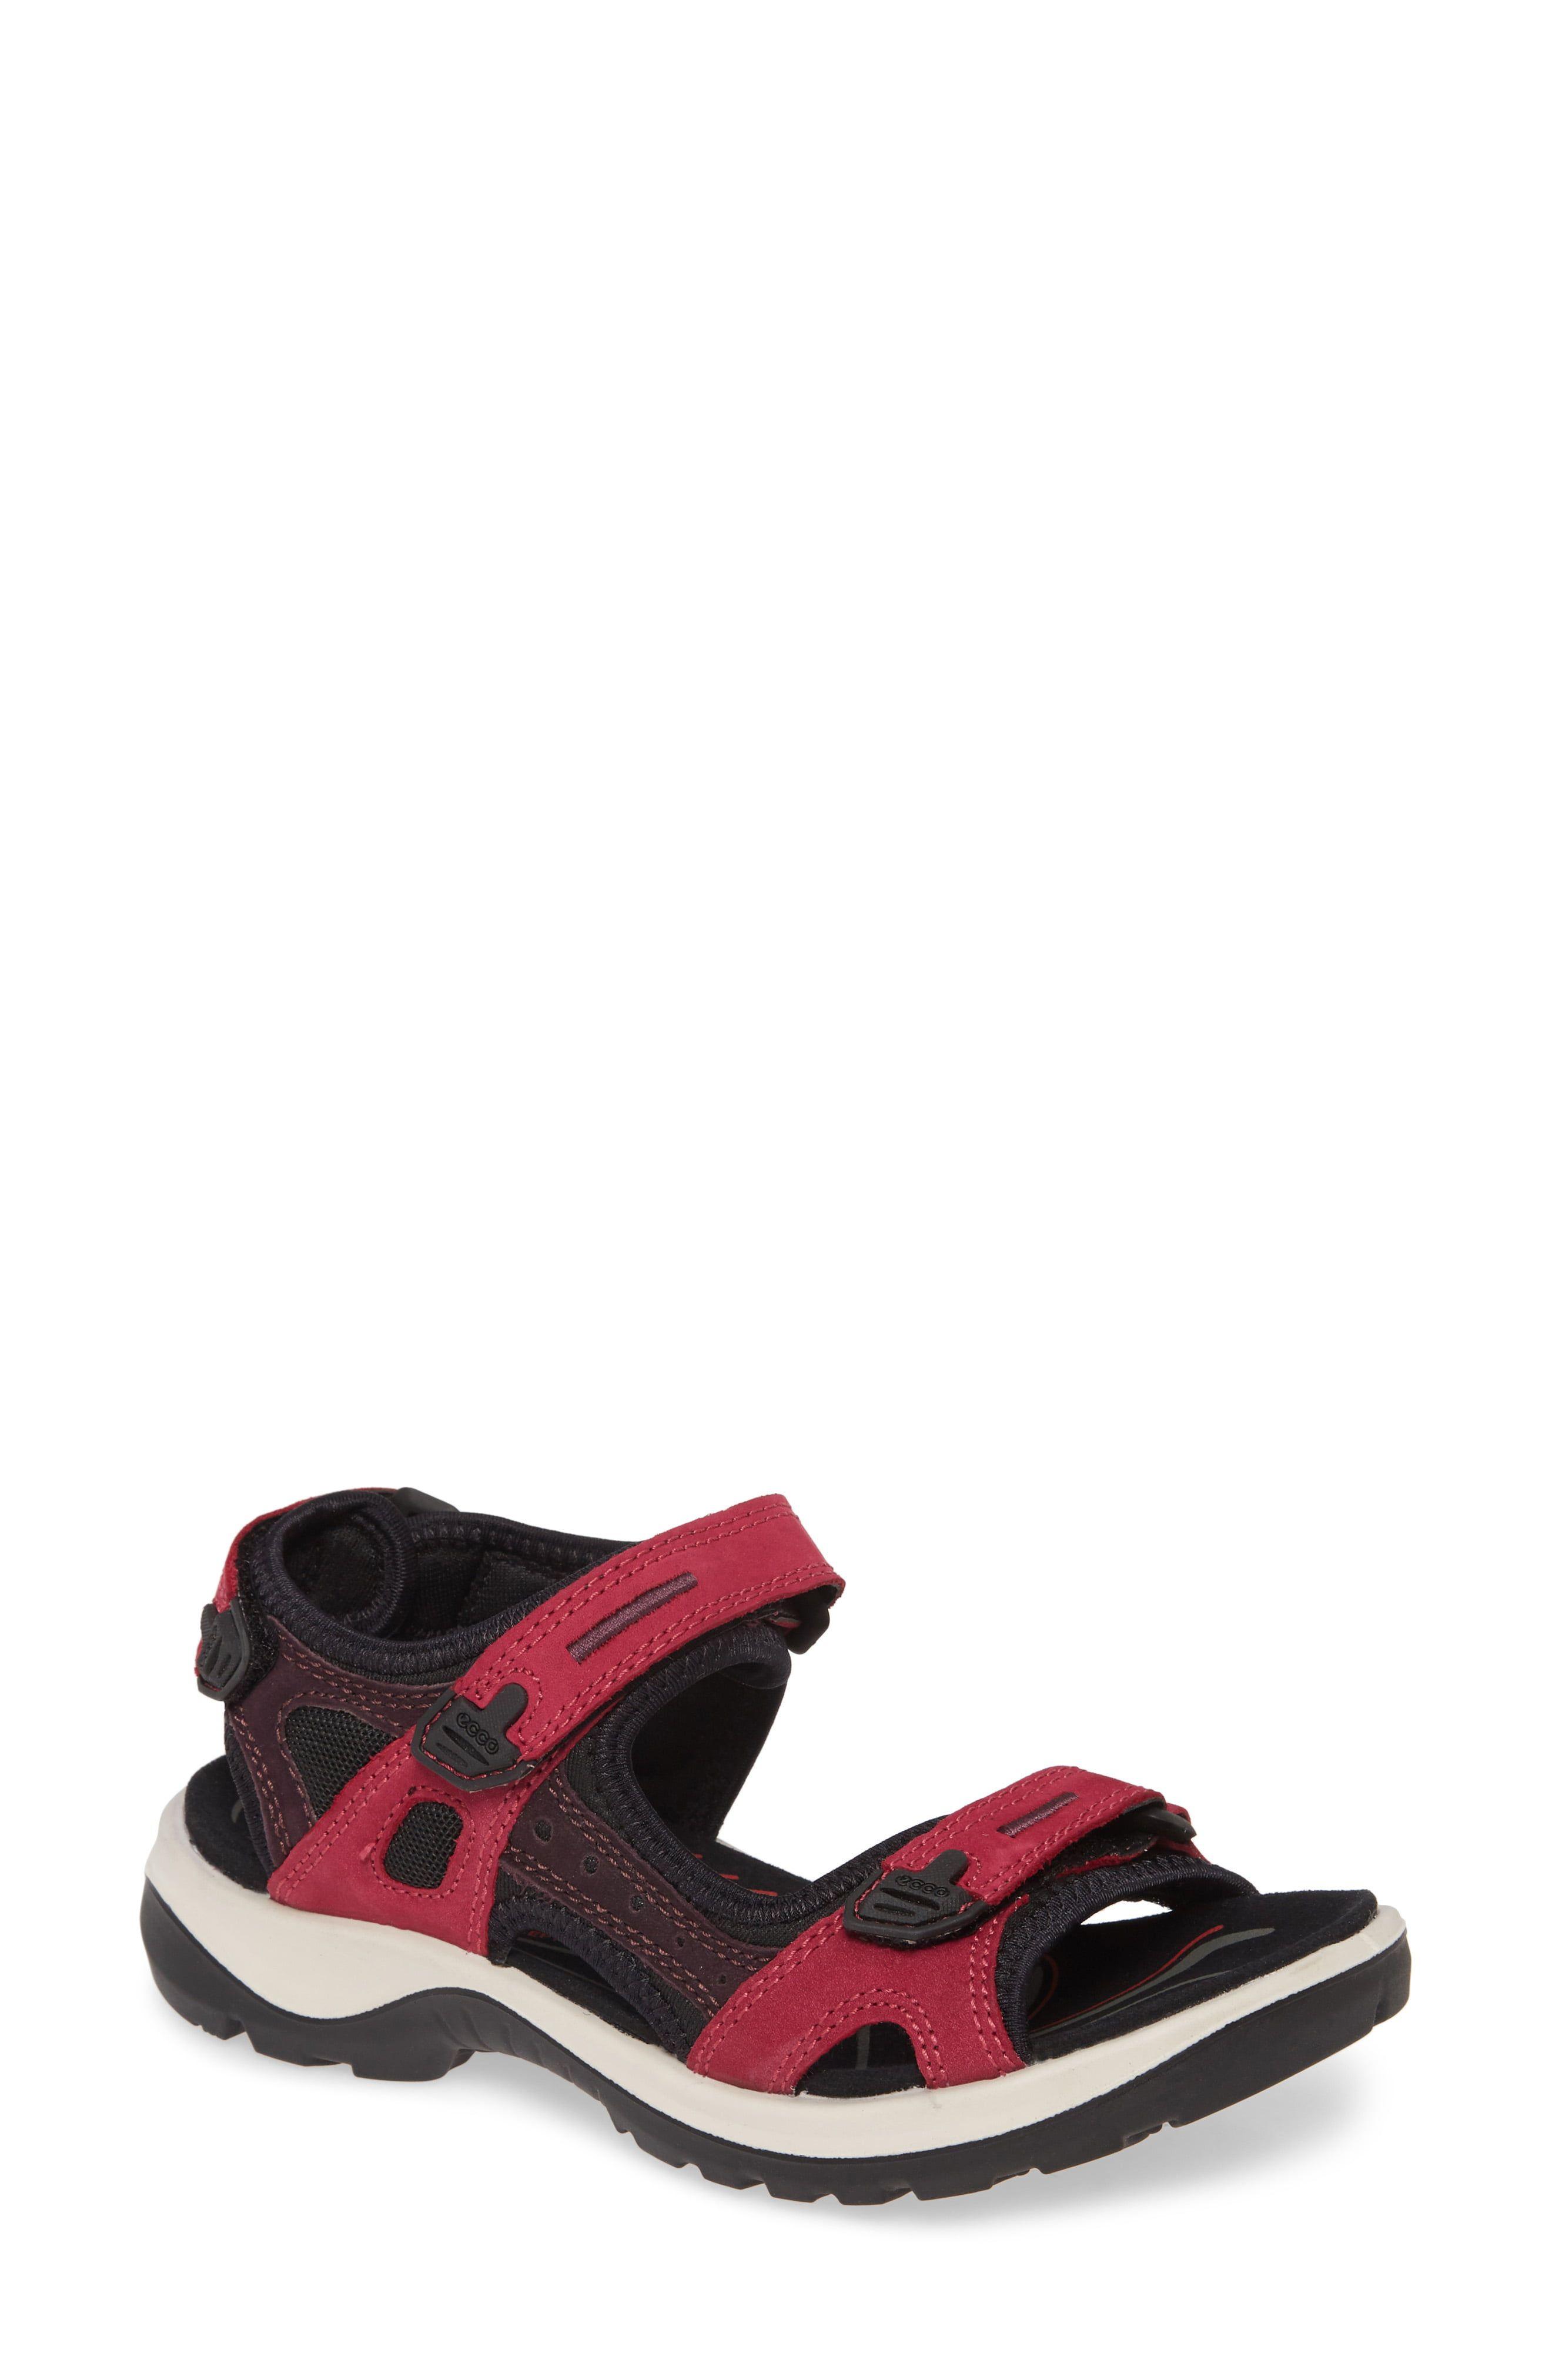 Women's Ecco Yucatan Sandal, Size 8 8.5US 39EU Pink